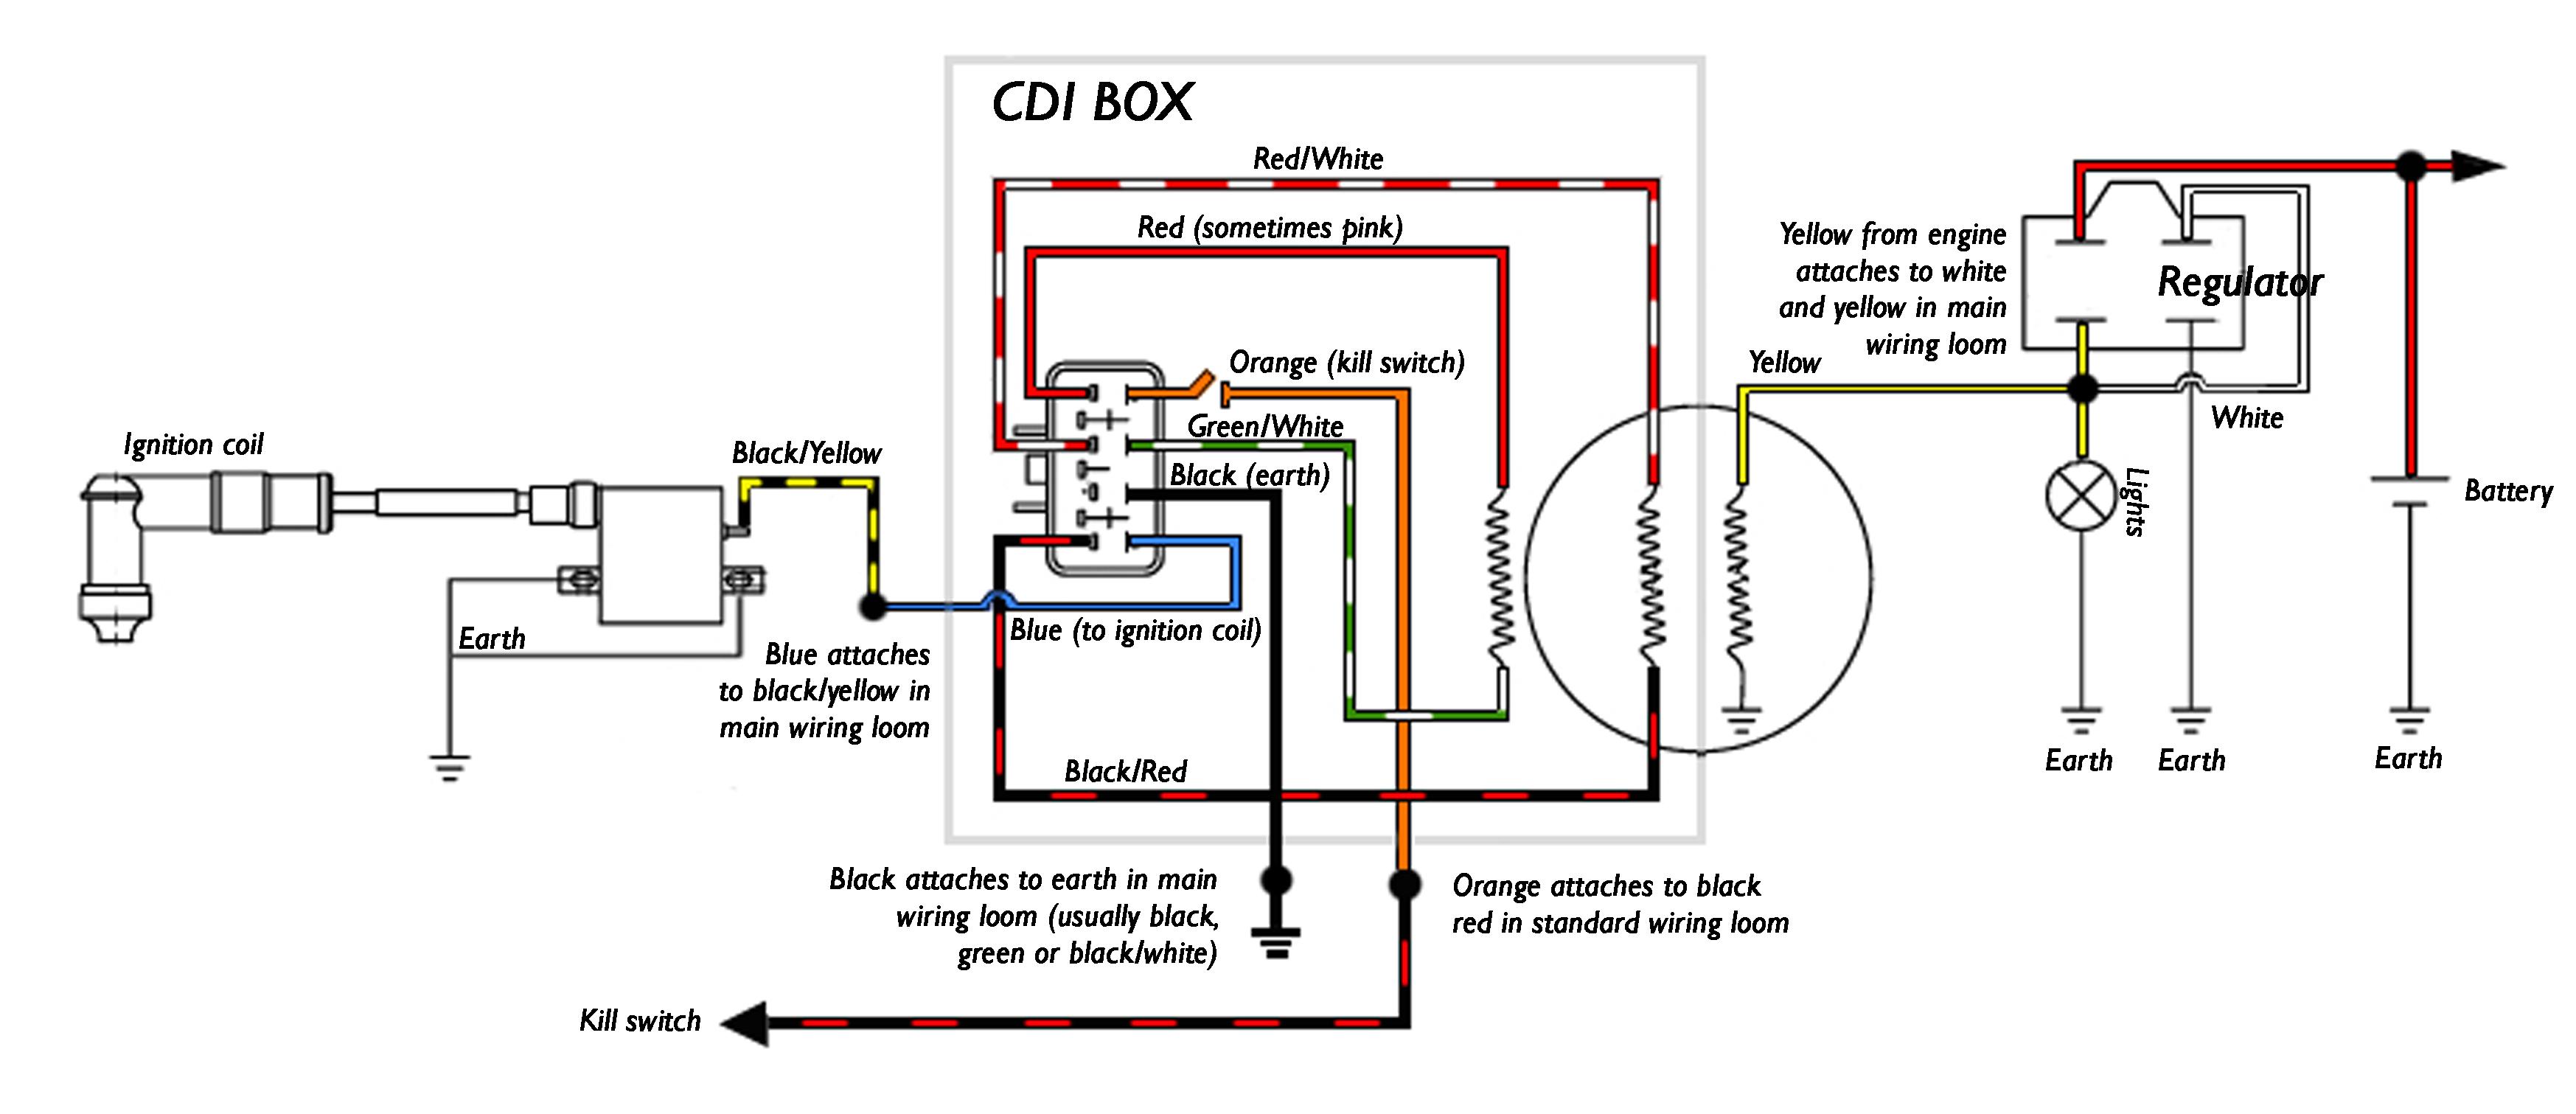 wiring diagram 125cc avt sb 5289  110 atv wiring diagram further tao tao 50cc scooter  110 atv wiring diagram further tao tao